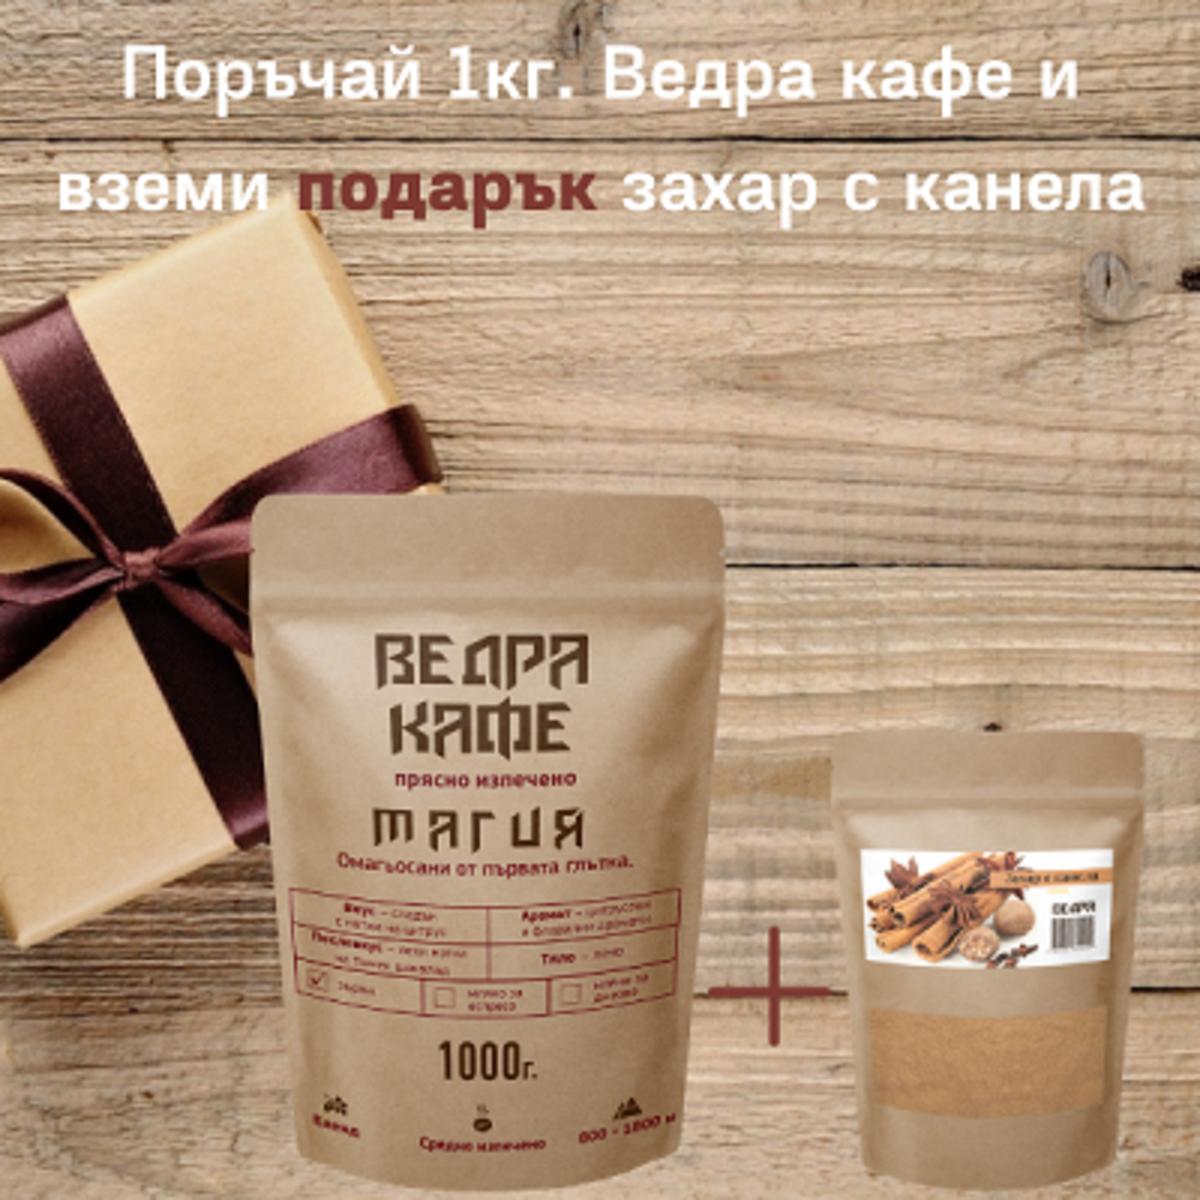 Ведра Кафе Магия кафе на зърна 1кг + подарък захар